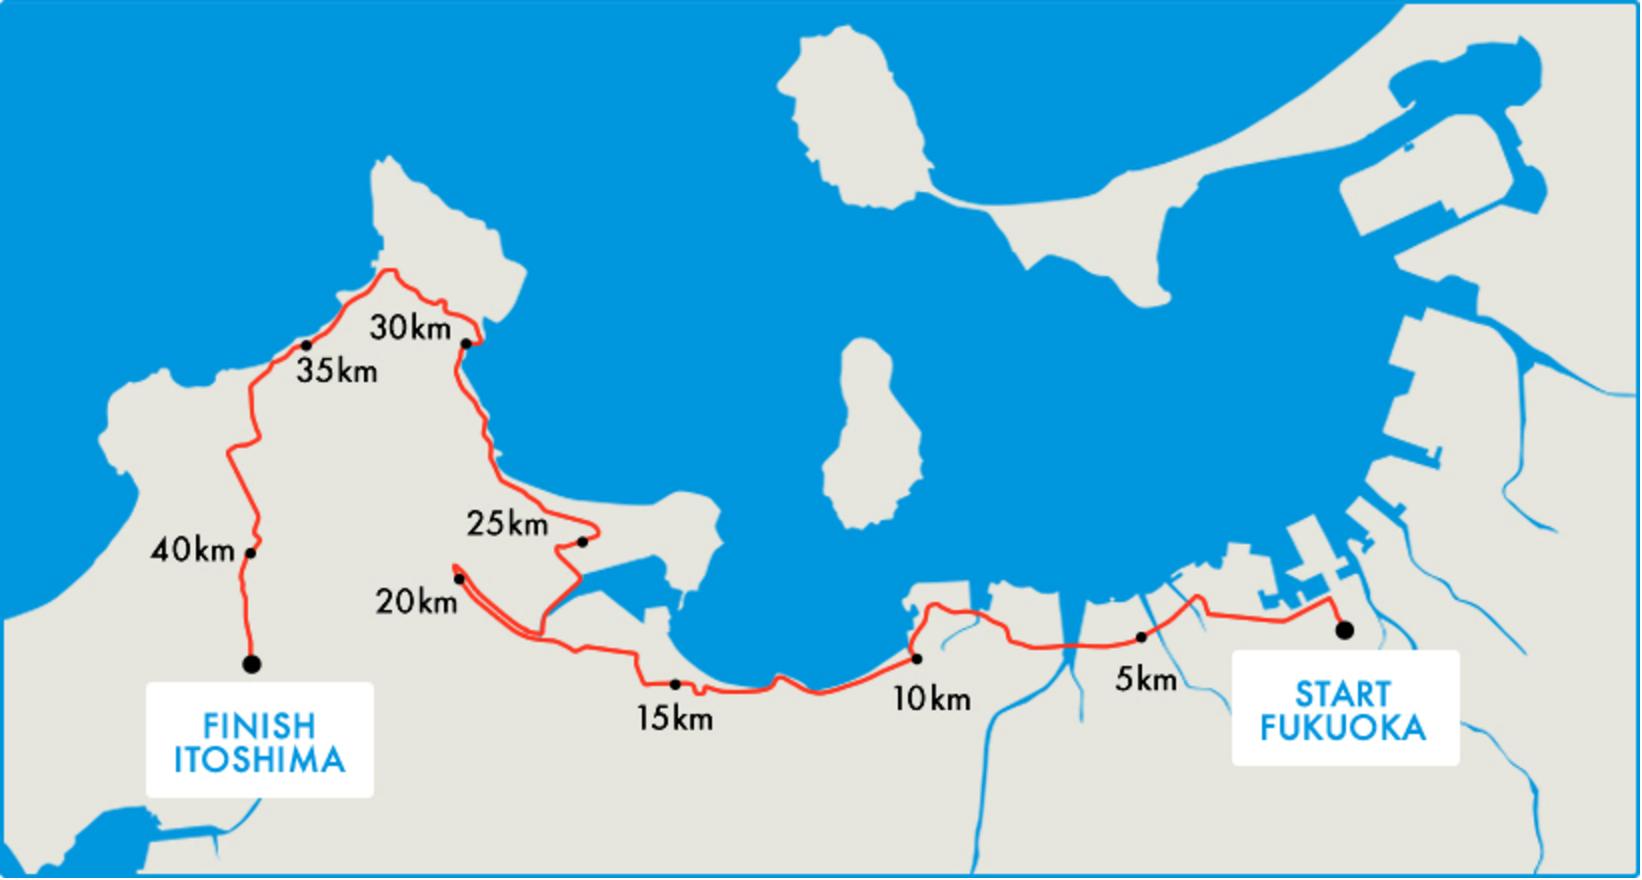 福岡マラソン,2017,日程,エントリー開始日,コース,制限時間